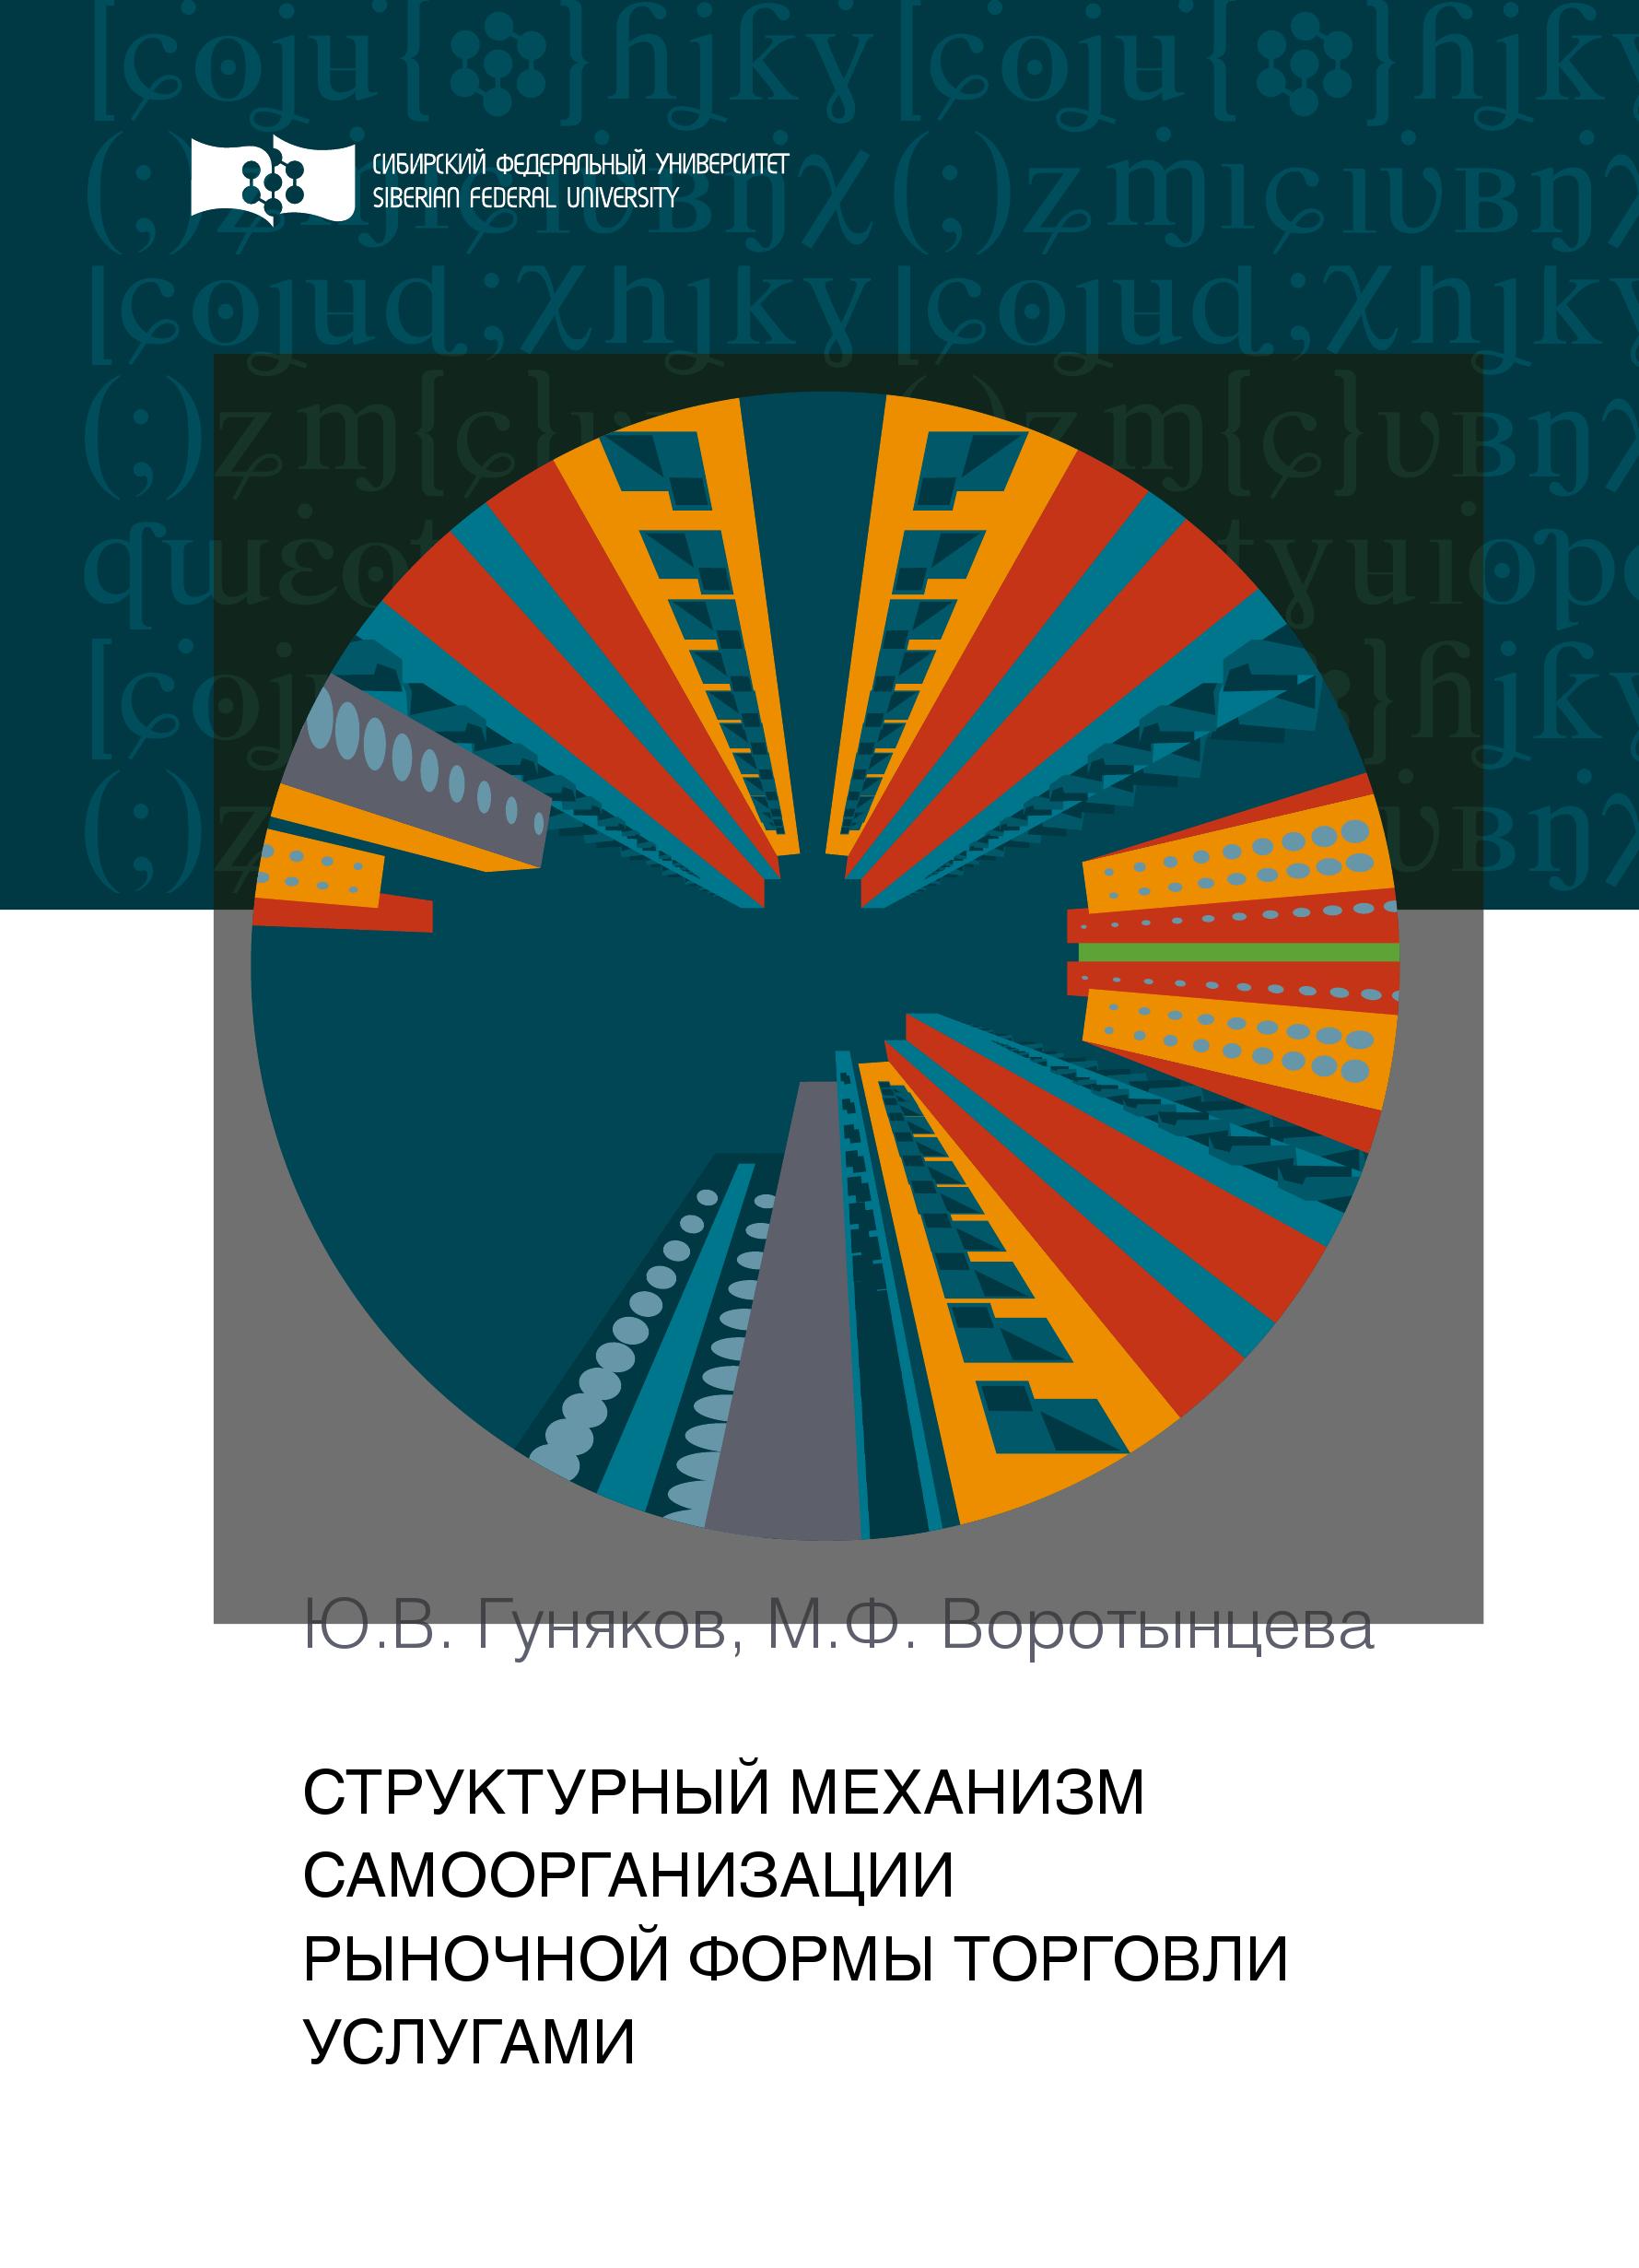 Мария Воротынцева Структурный механизм самоорганизации рыночной формы торговли услугами артем глубокий кластерный подход экономический рост иинновационные кластеры